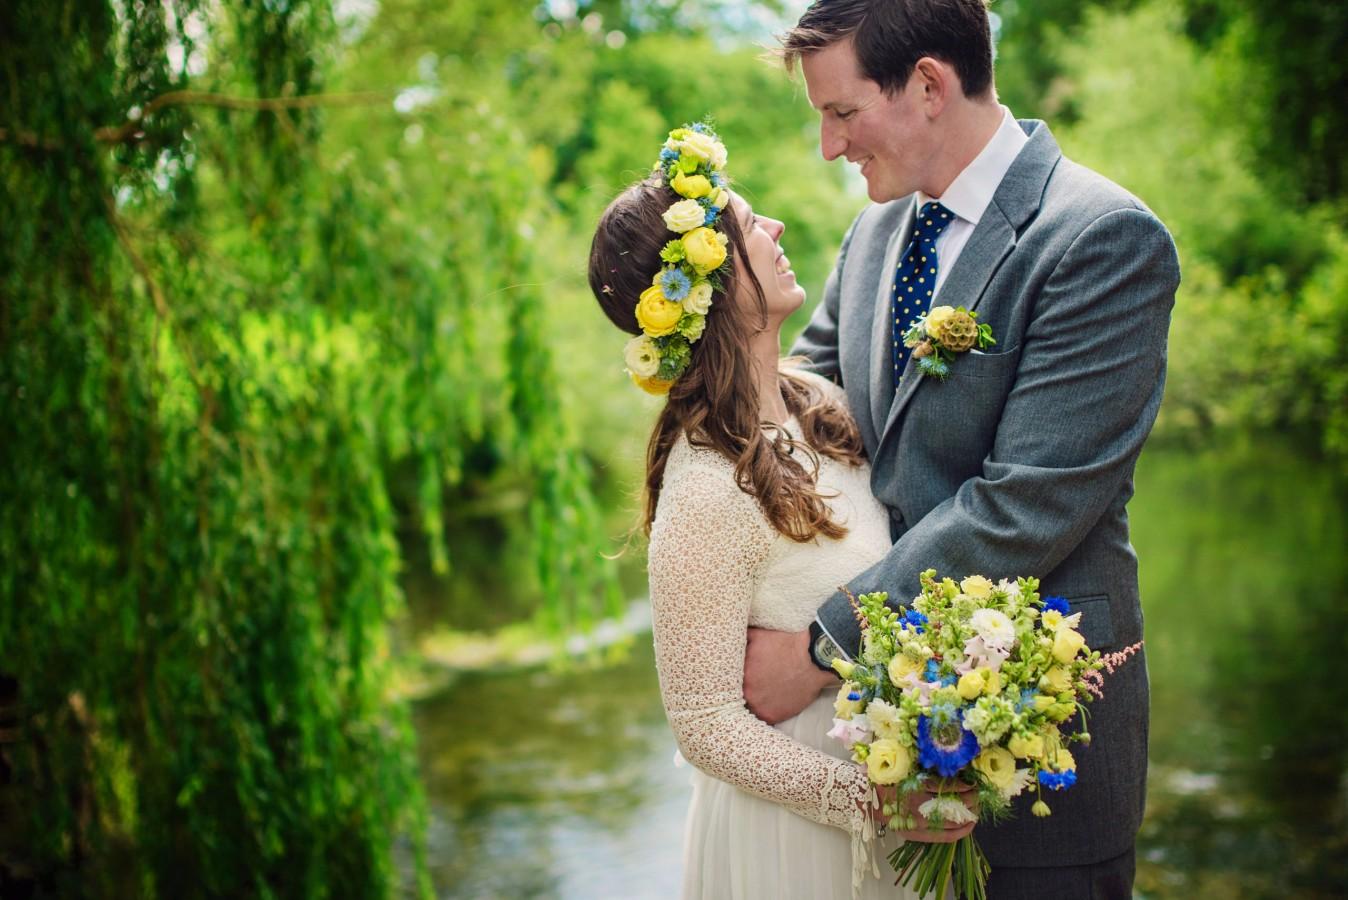 Hampshire Wedding Photographer - GK Photography-158